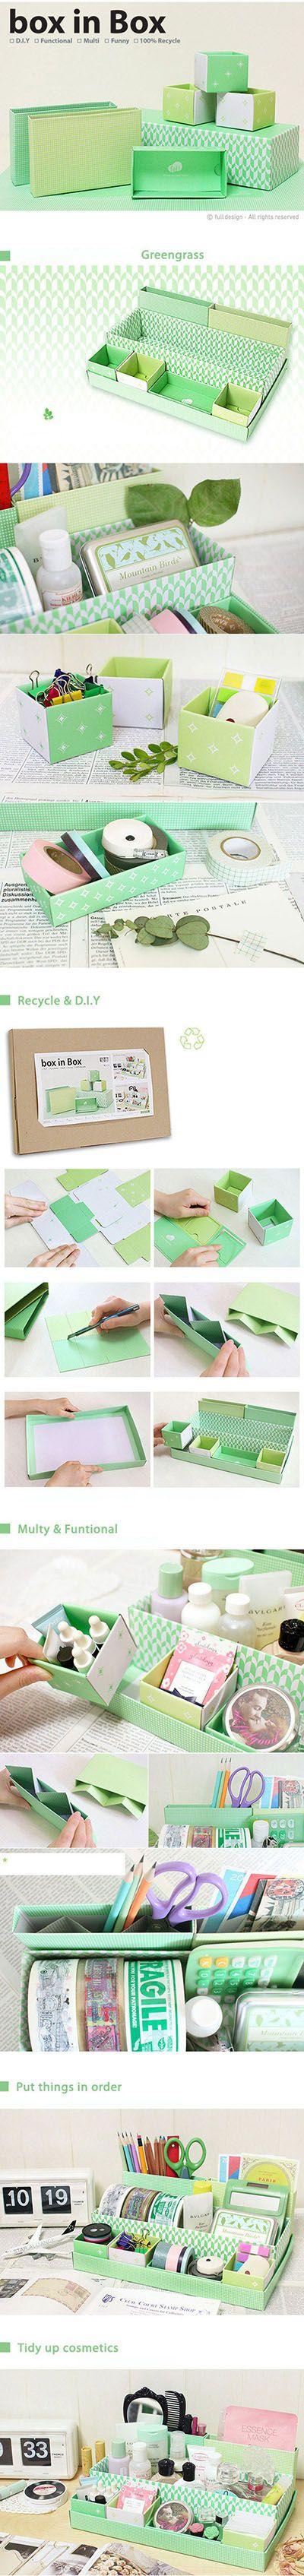 Diy Box | DIY & Crafts